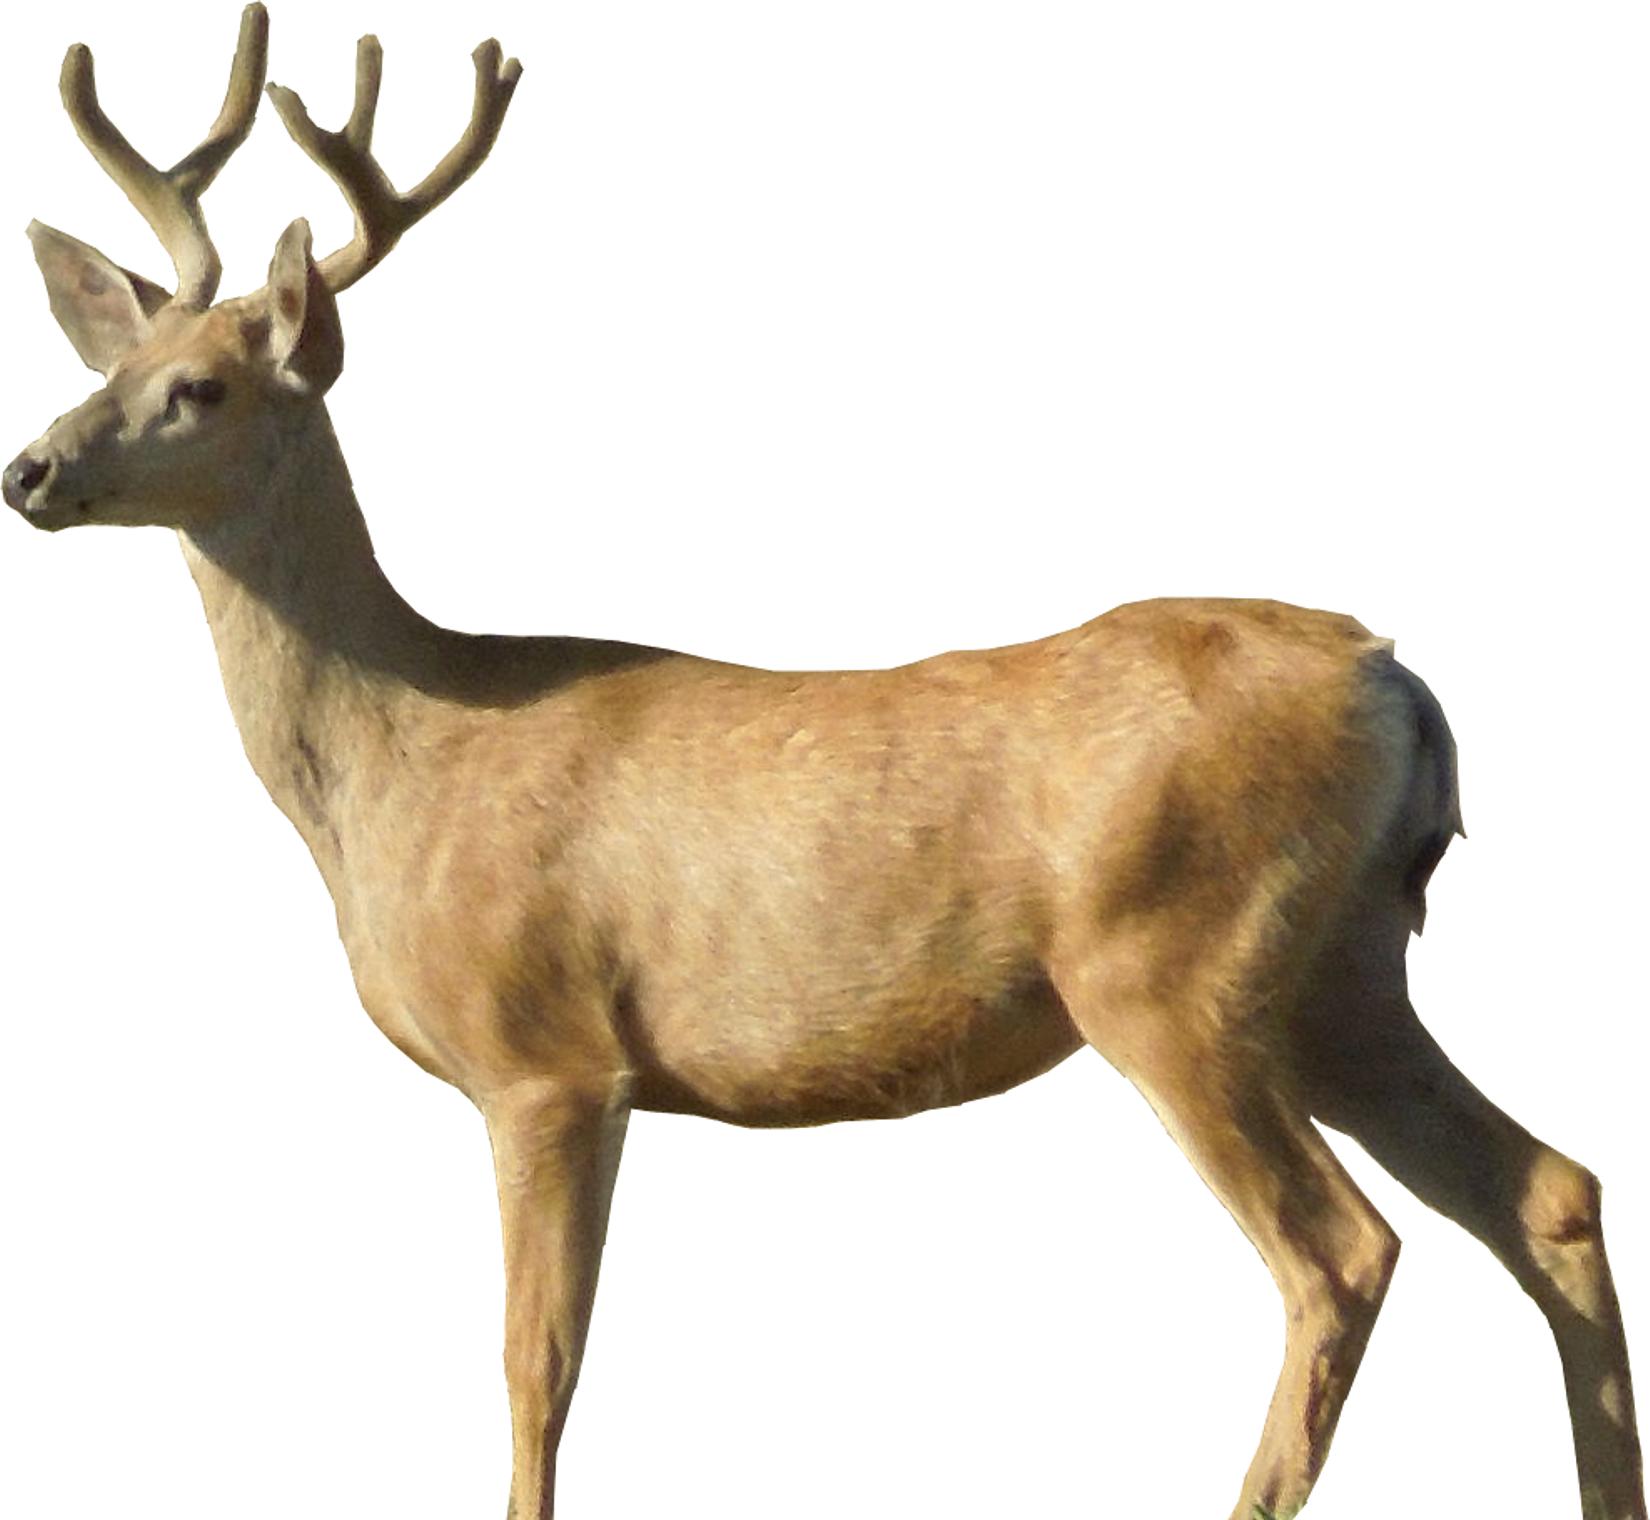 Free Deer Transparent Background, Download Free Clip Art.